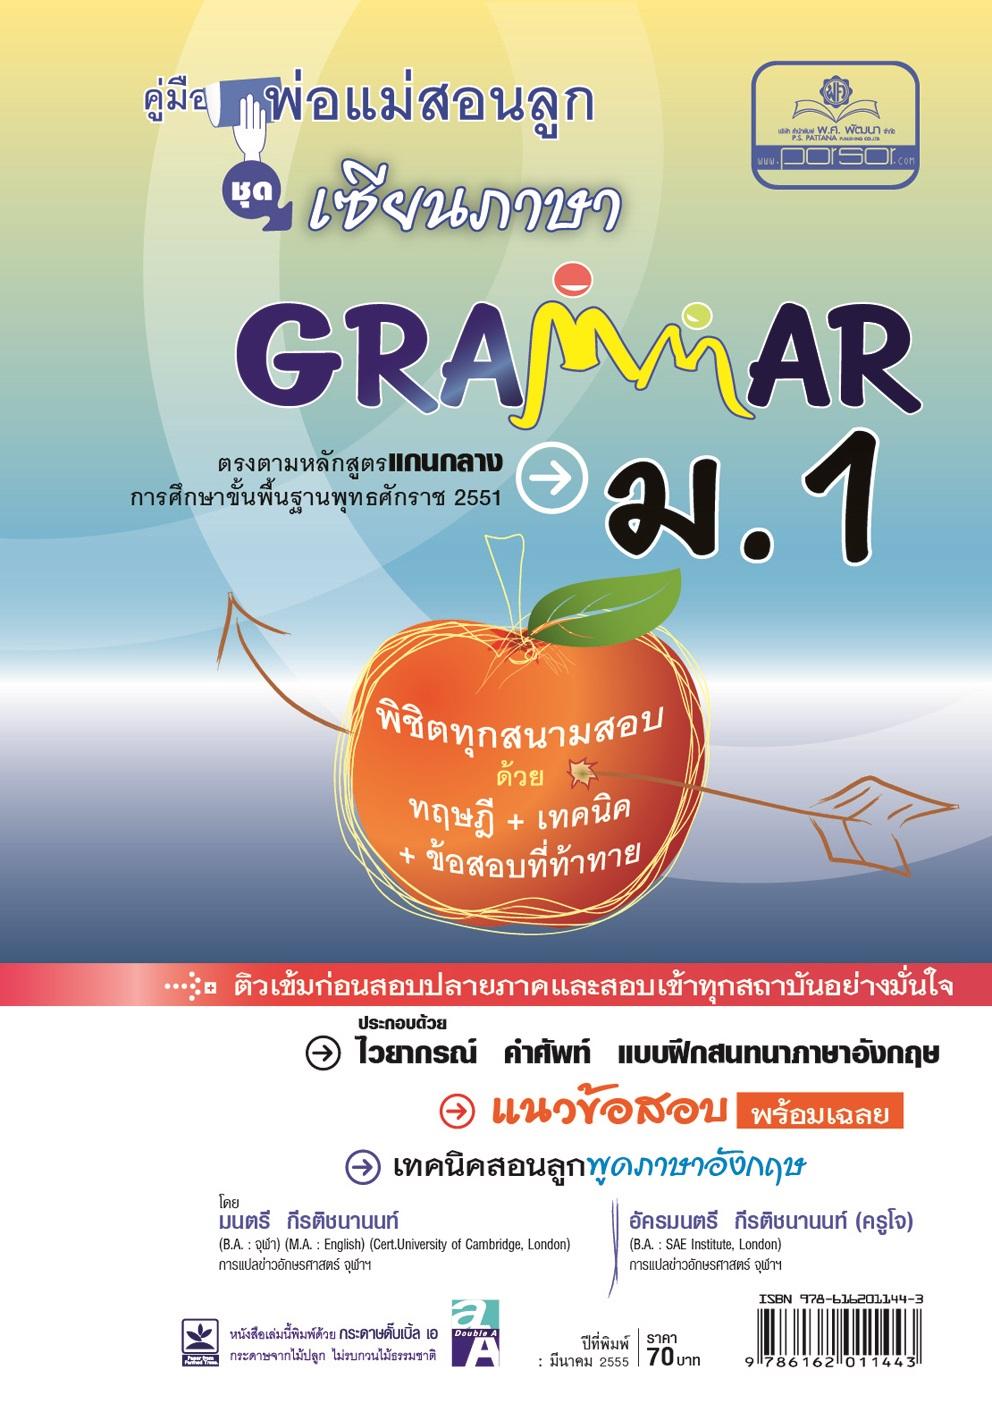 คู่มือพ่อแม่สอนลูก ชุดเซียนภาษา grammar ม.1